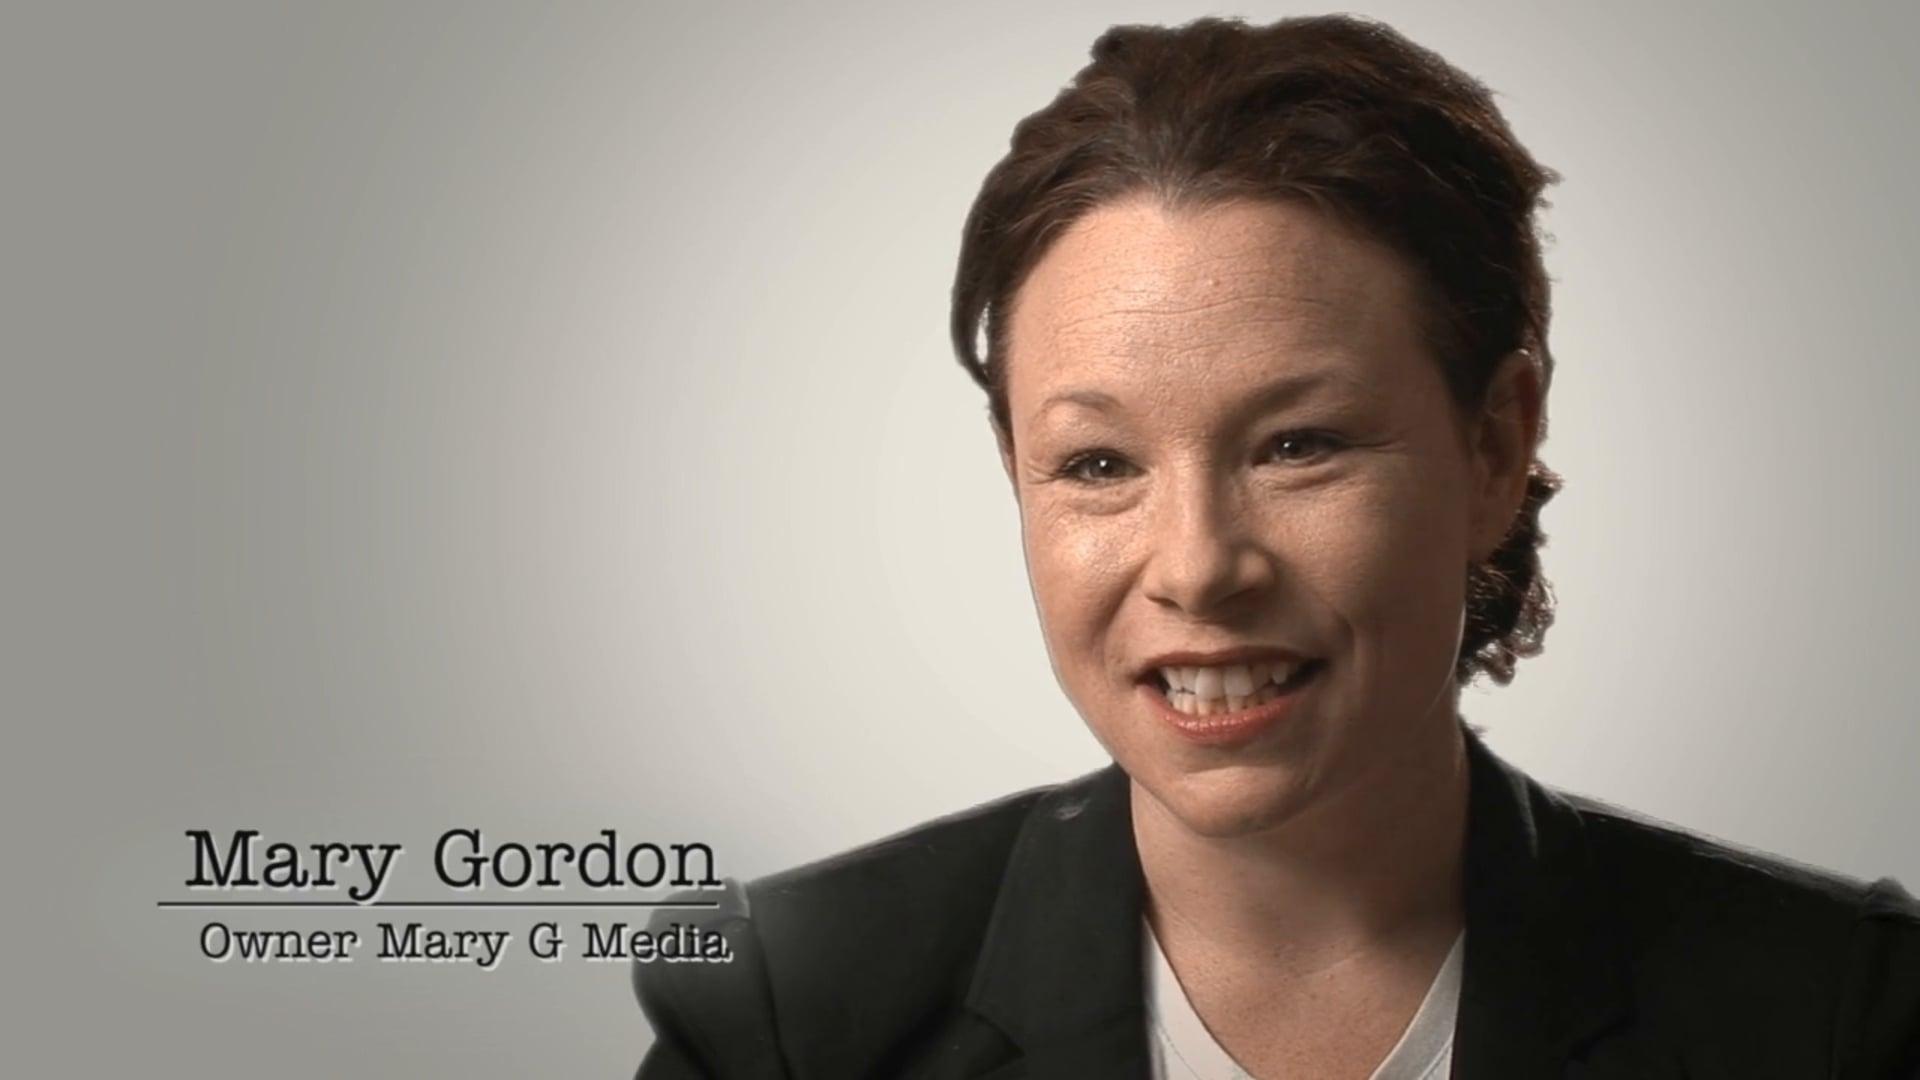 MARY GORDON BBP TESTIMONIAL